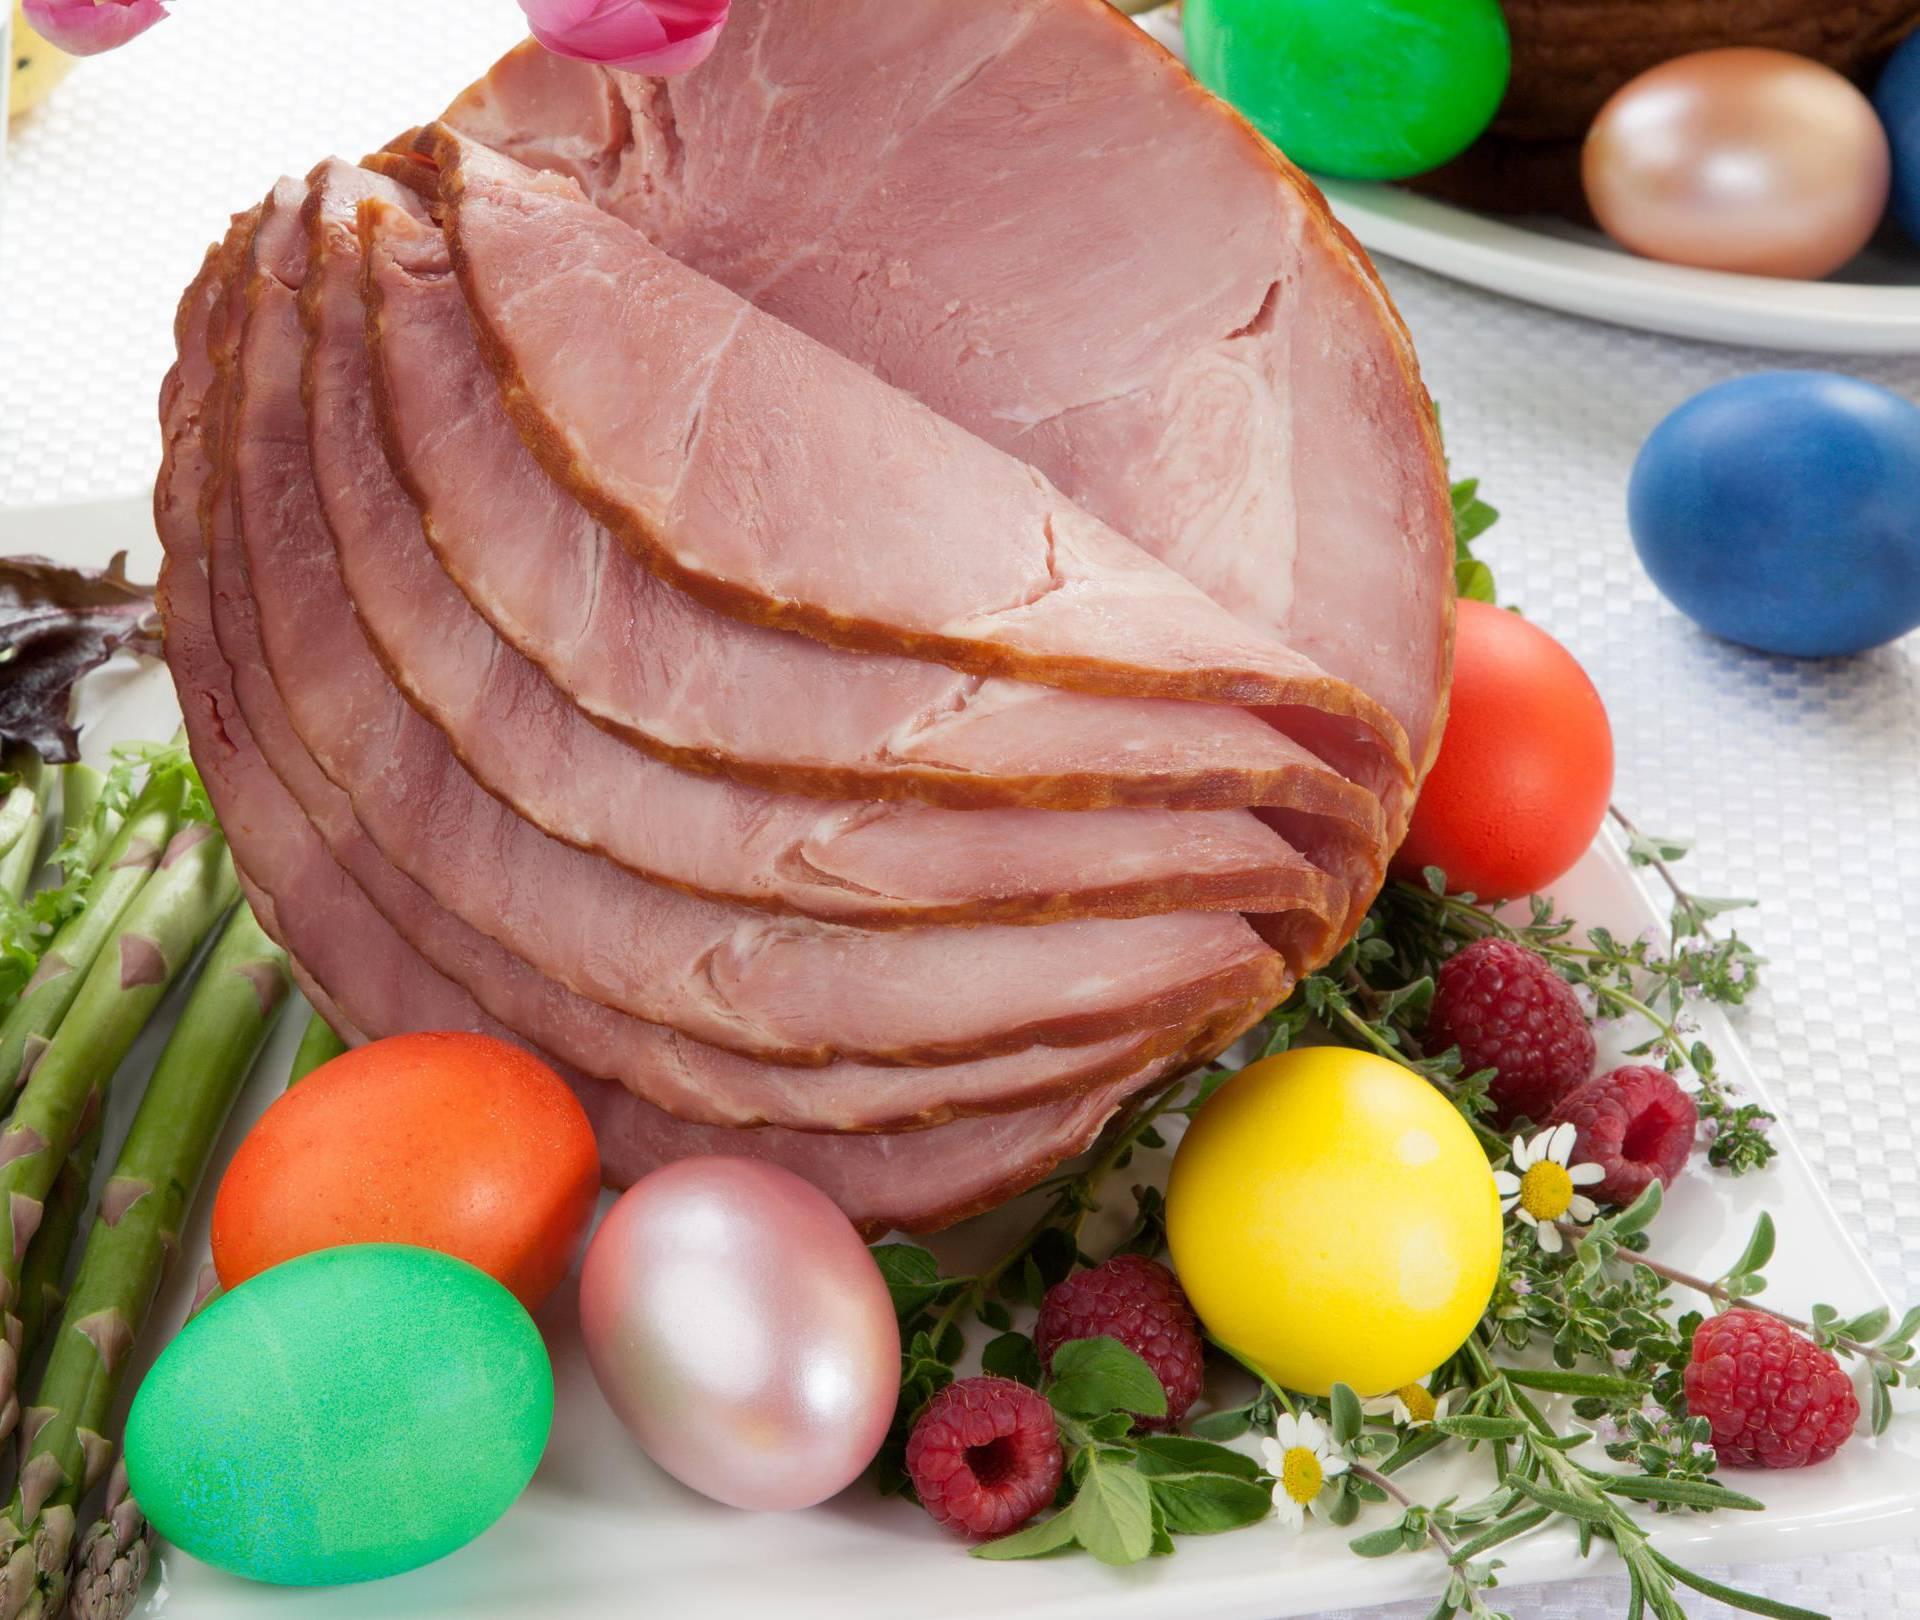 'Nemojte jesti šunku i jaja za Uskrs, ima finih veganskih jela'